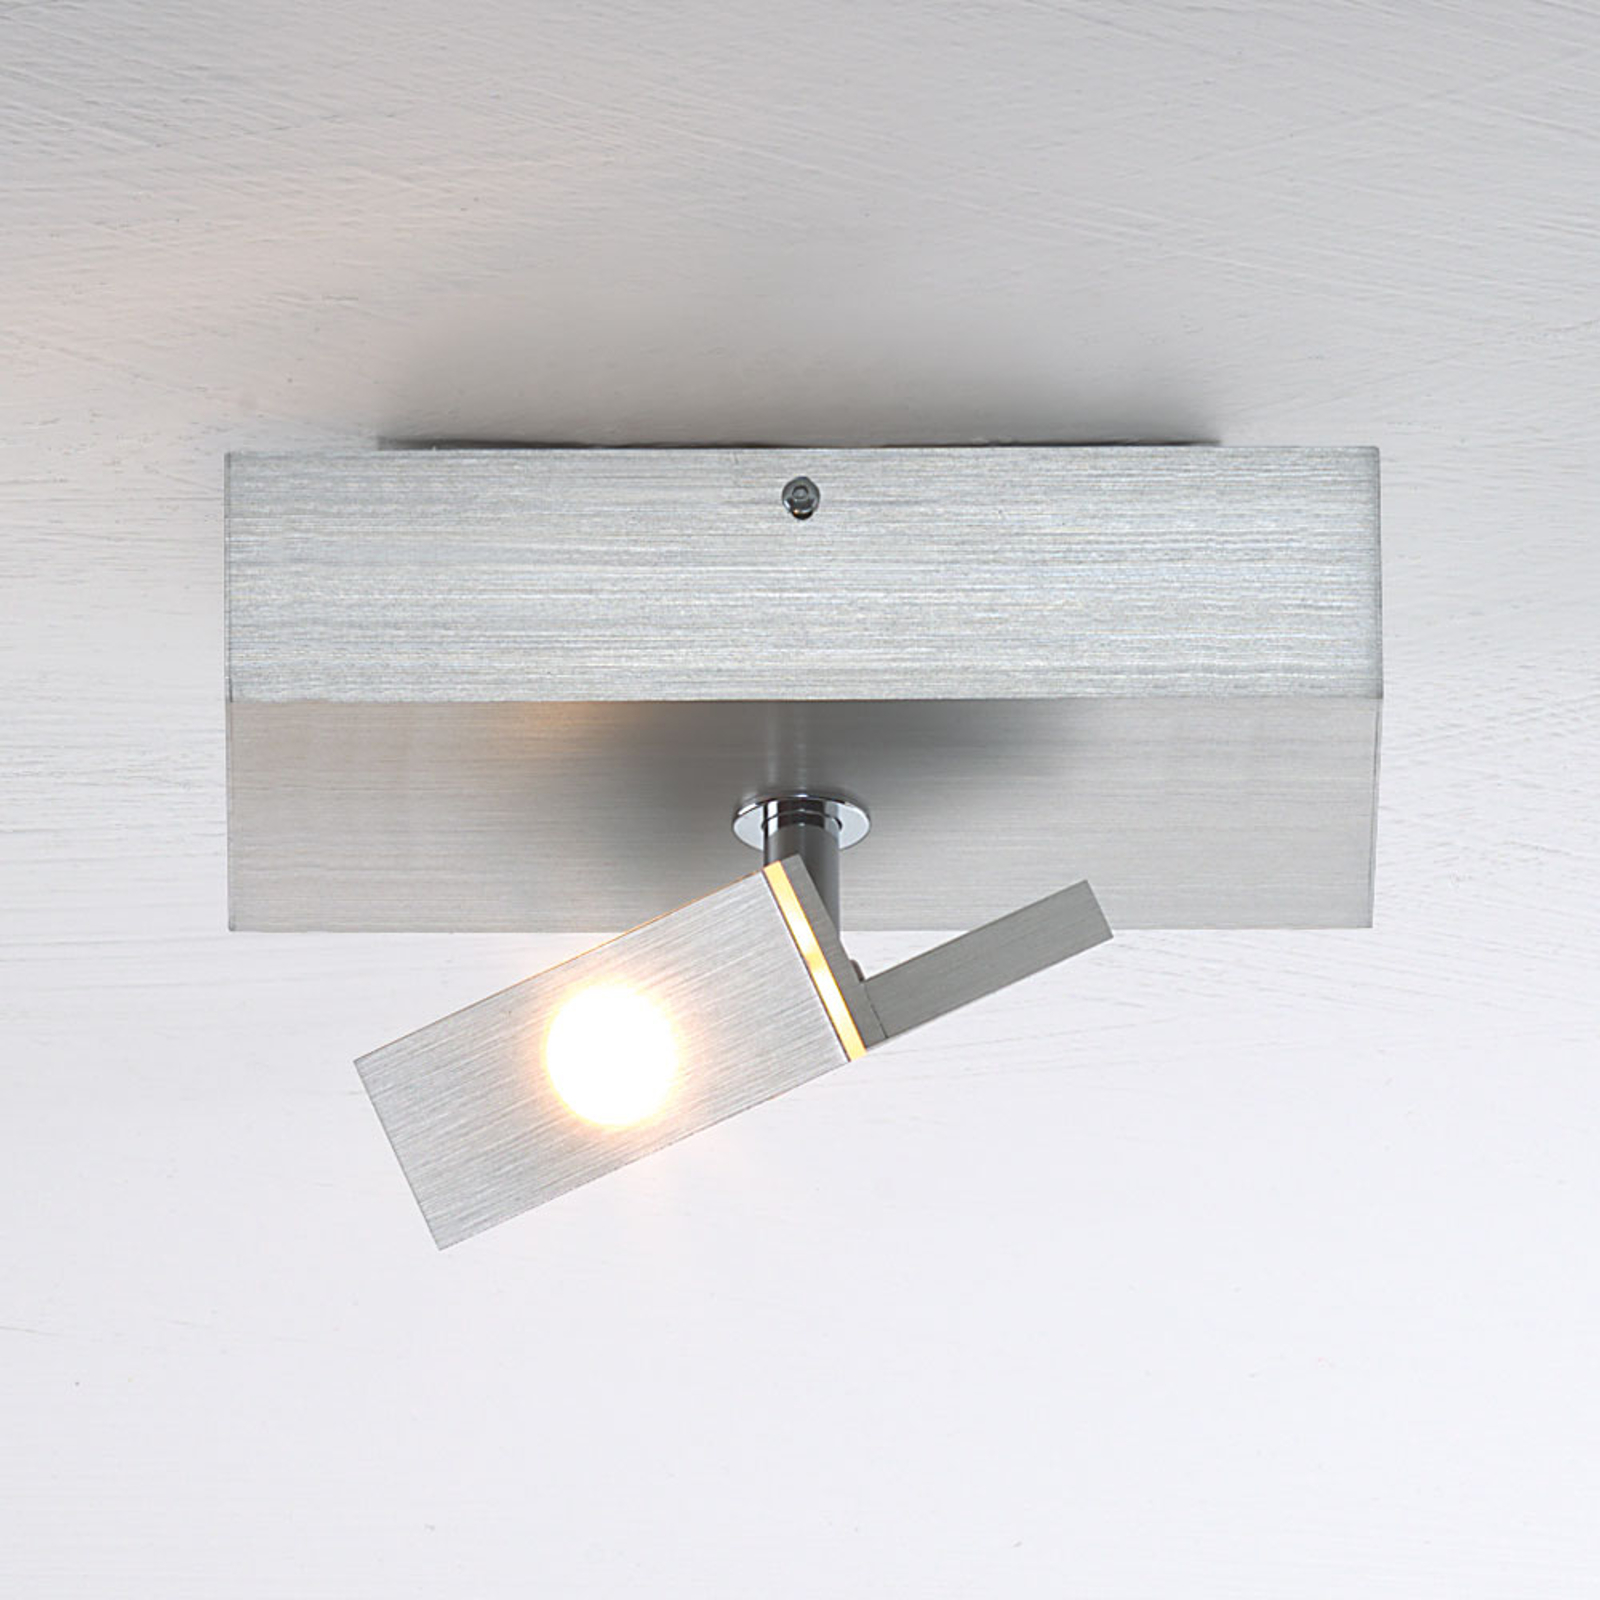 Mały spot sufitowy LED Elle, odchylany i obracany